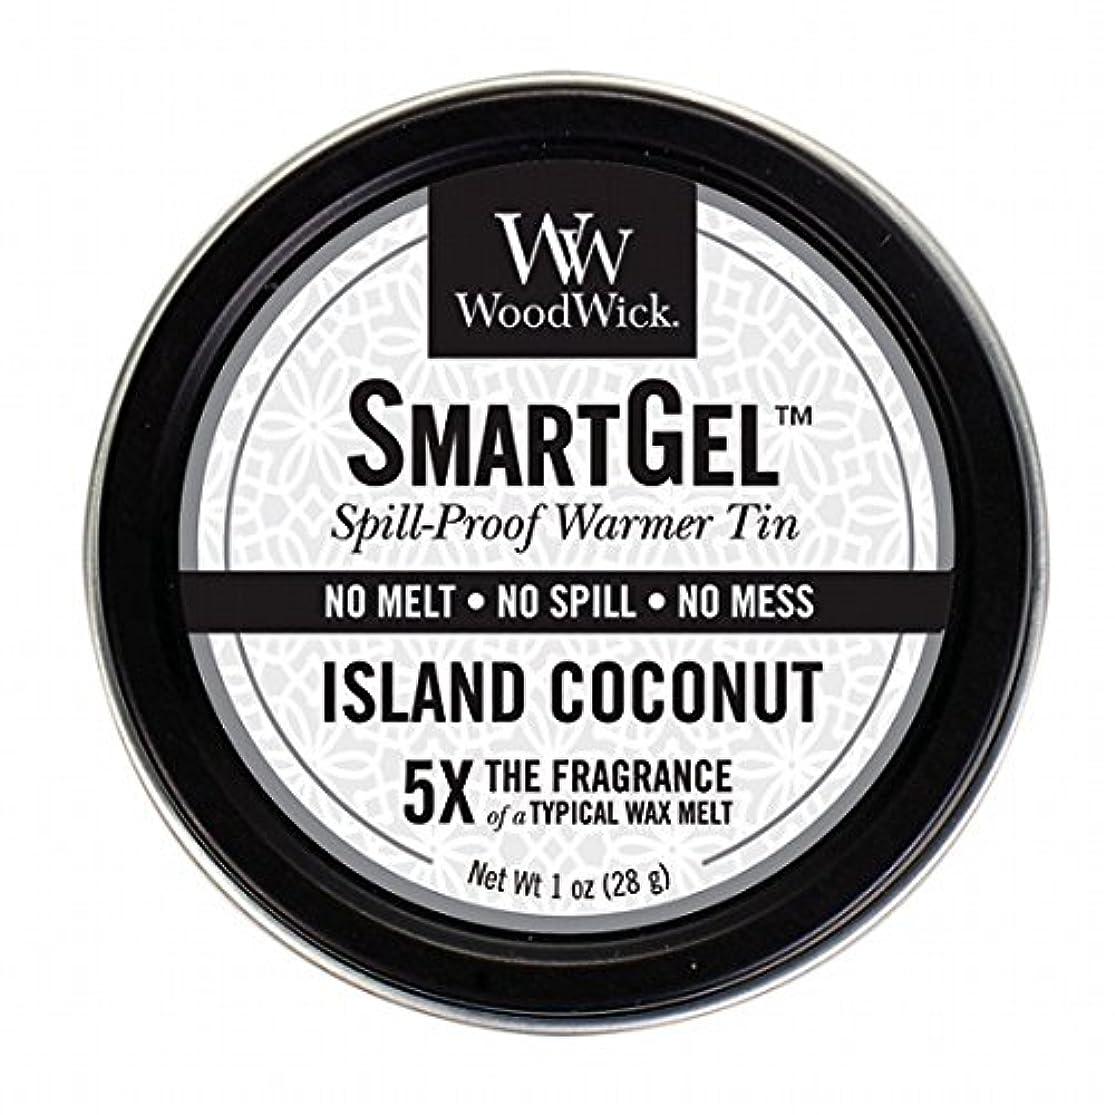 過度に定義する長いですウッドウィック( WoodWick ) Wood Wickスマートジェル 「 アイランドココナッツ 」 W9630560